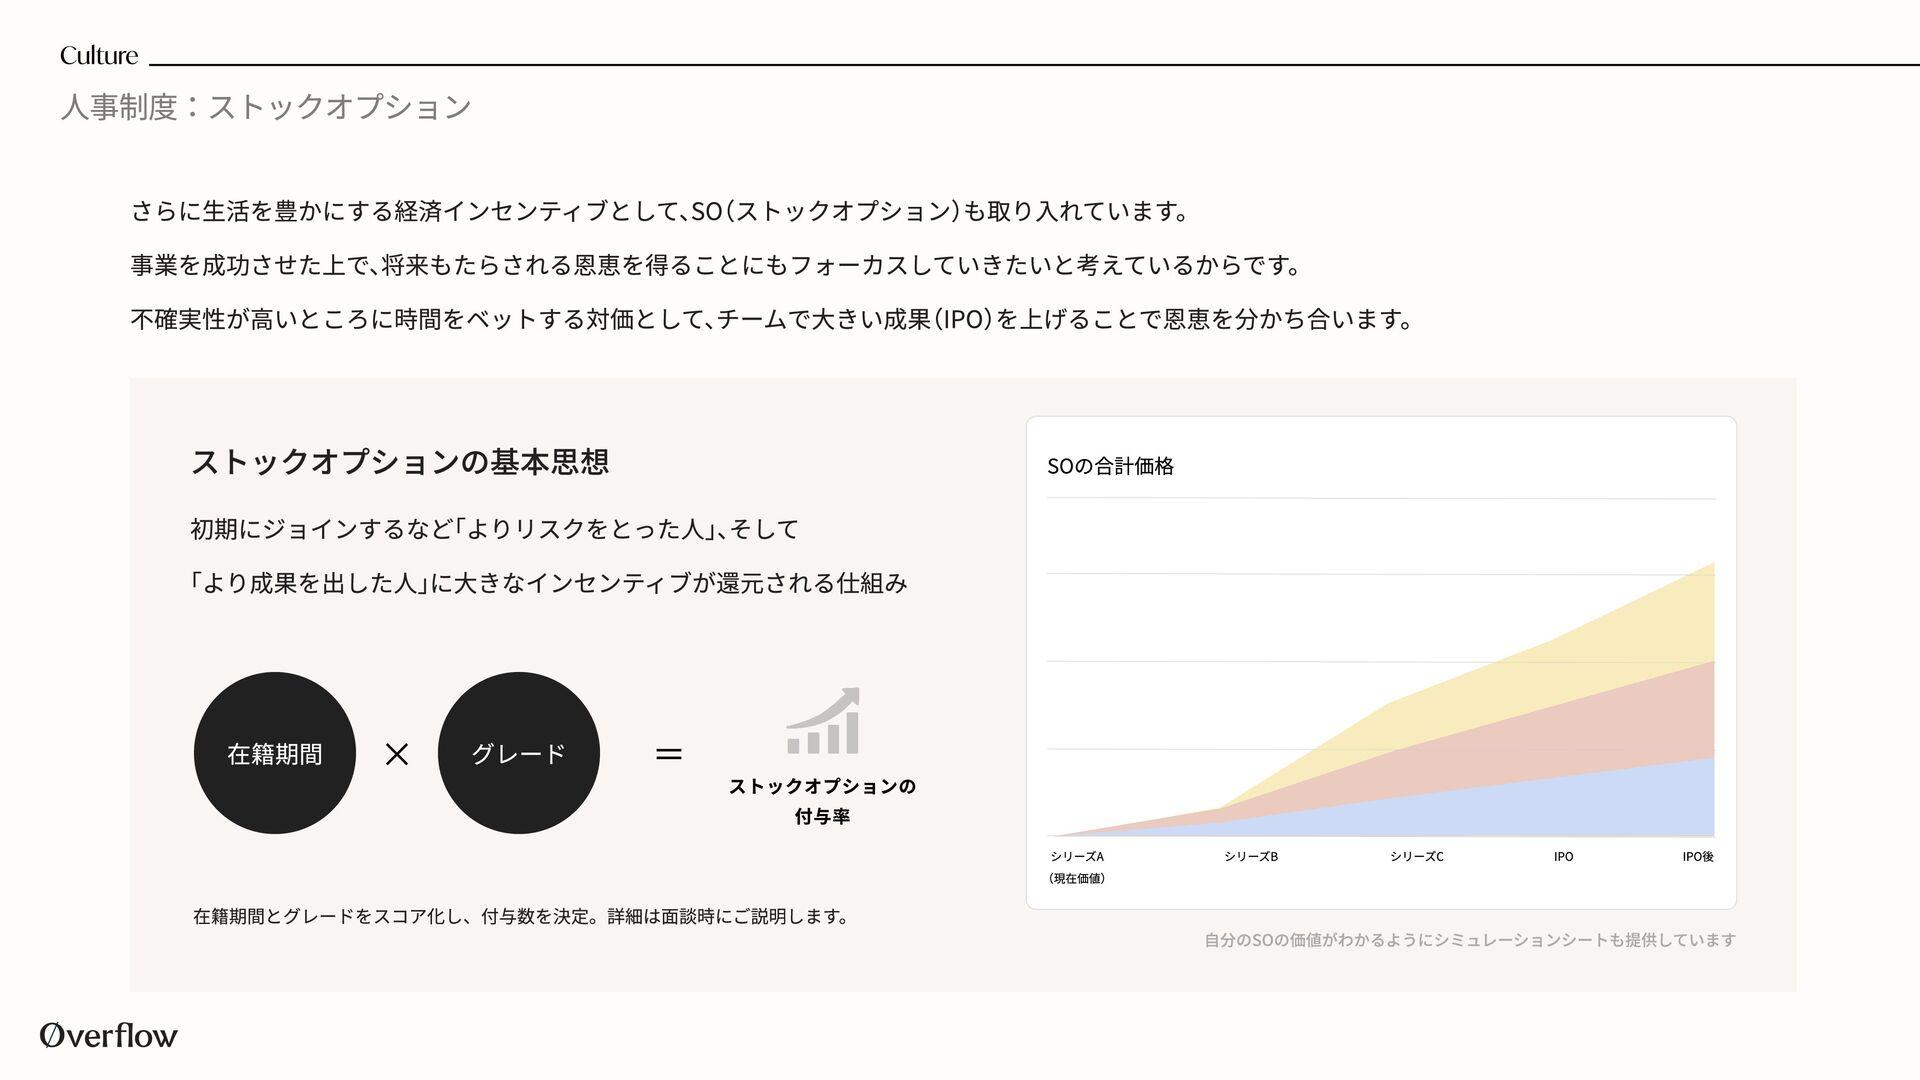 仕事の進め方 - フレシキブル組織 技術顧問 Engineer Engineer Engine...